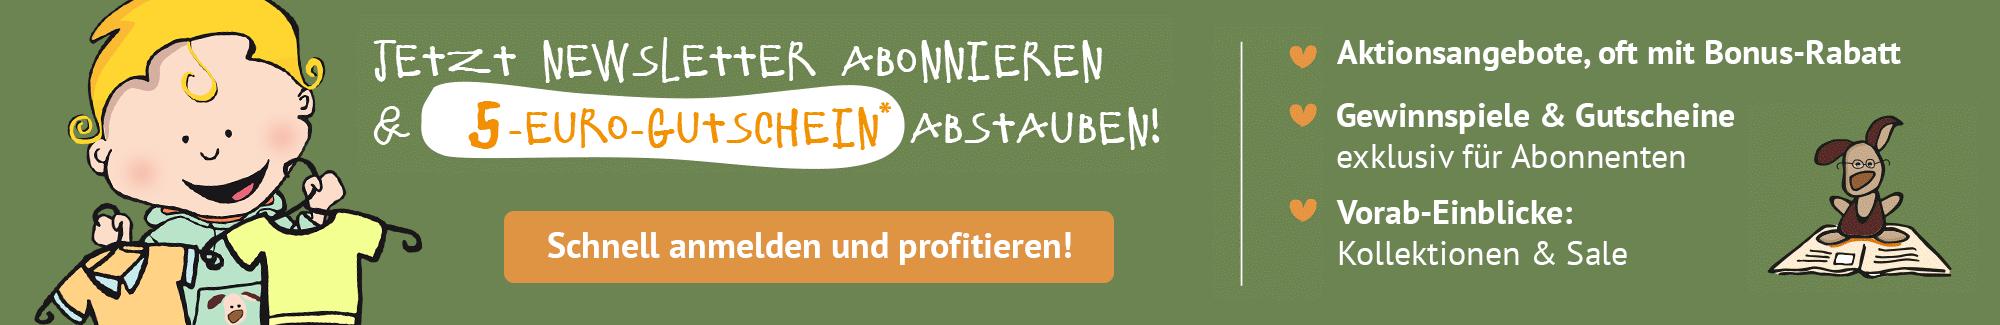 newsletteranmeldung-gutschein-5-euro